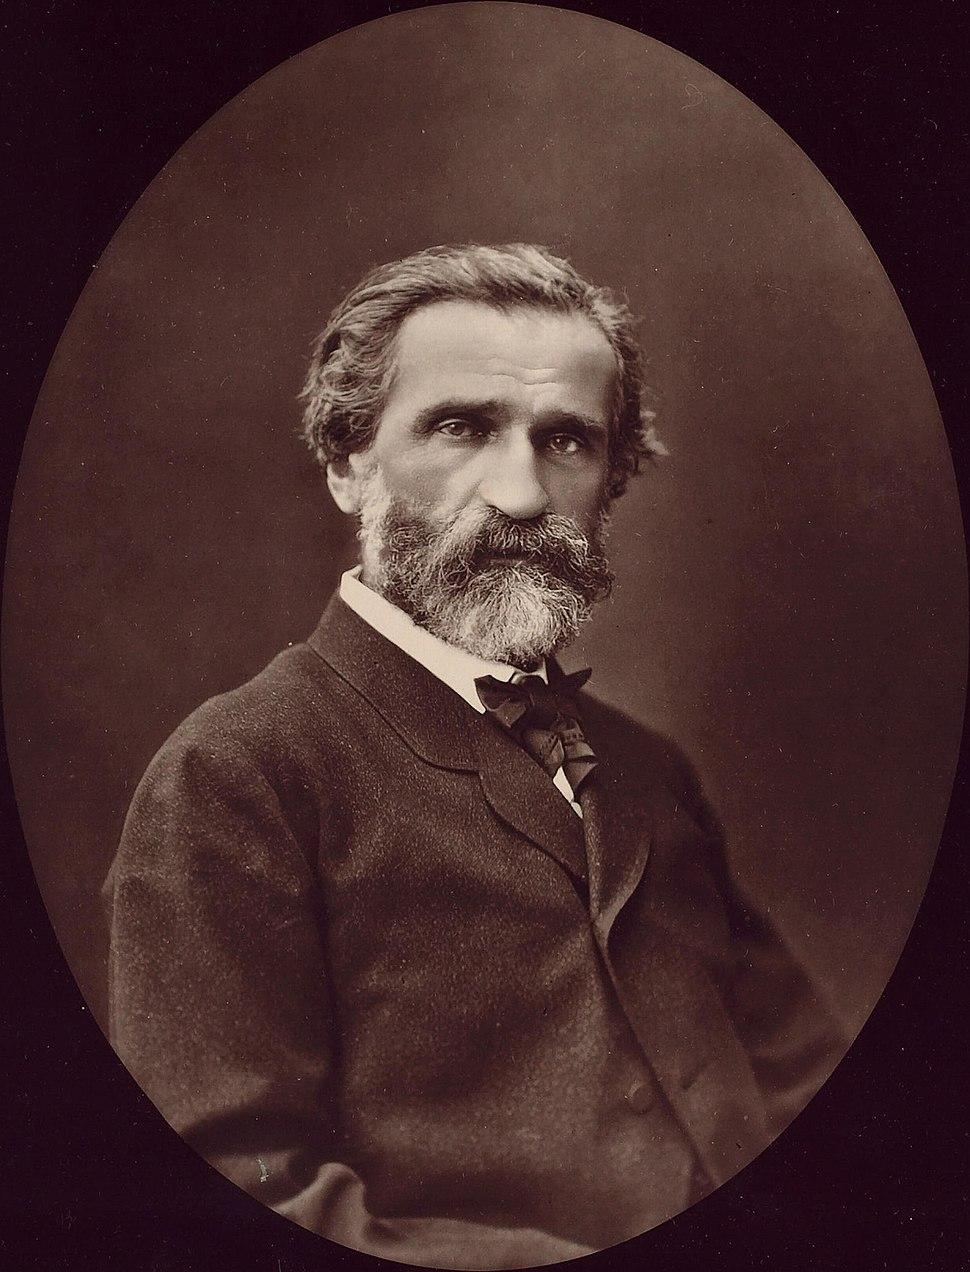 GiuseppeVerdi